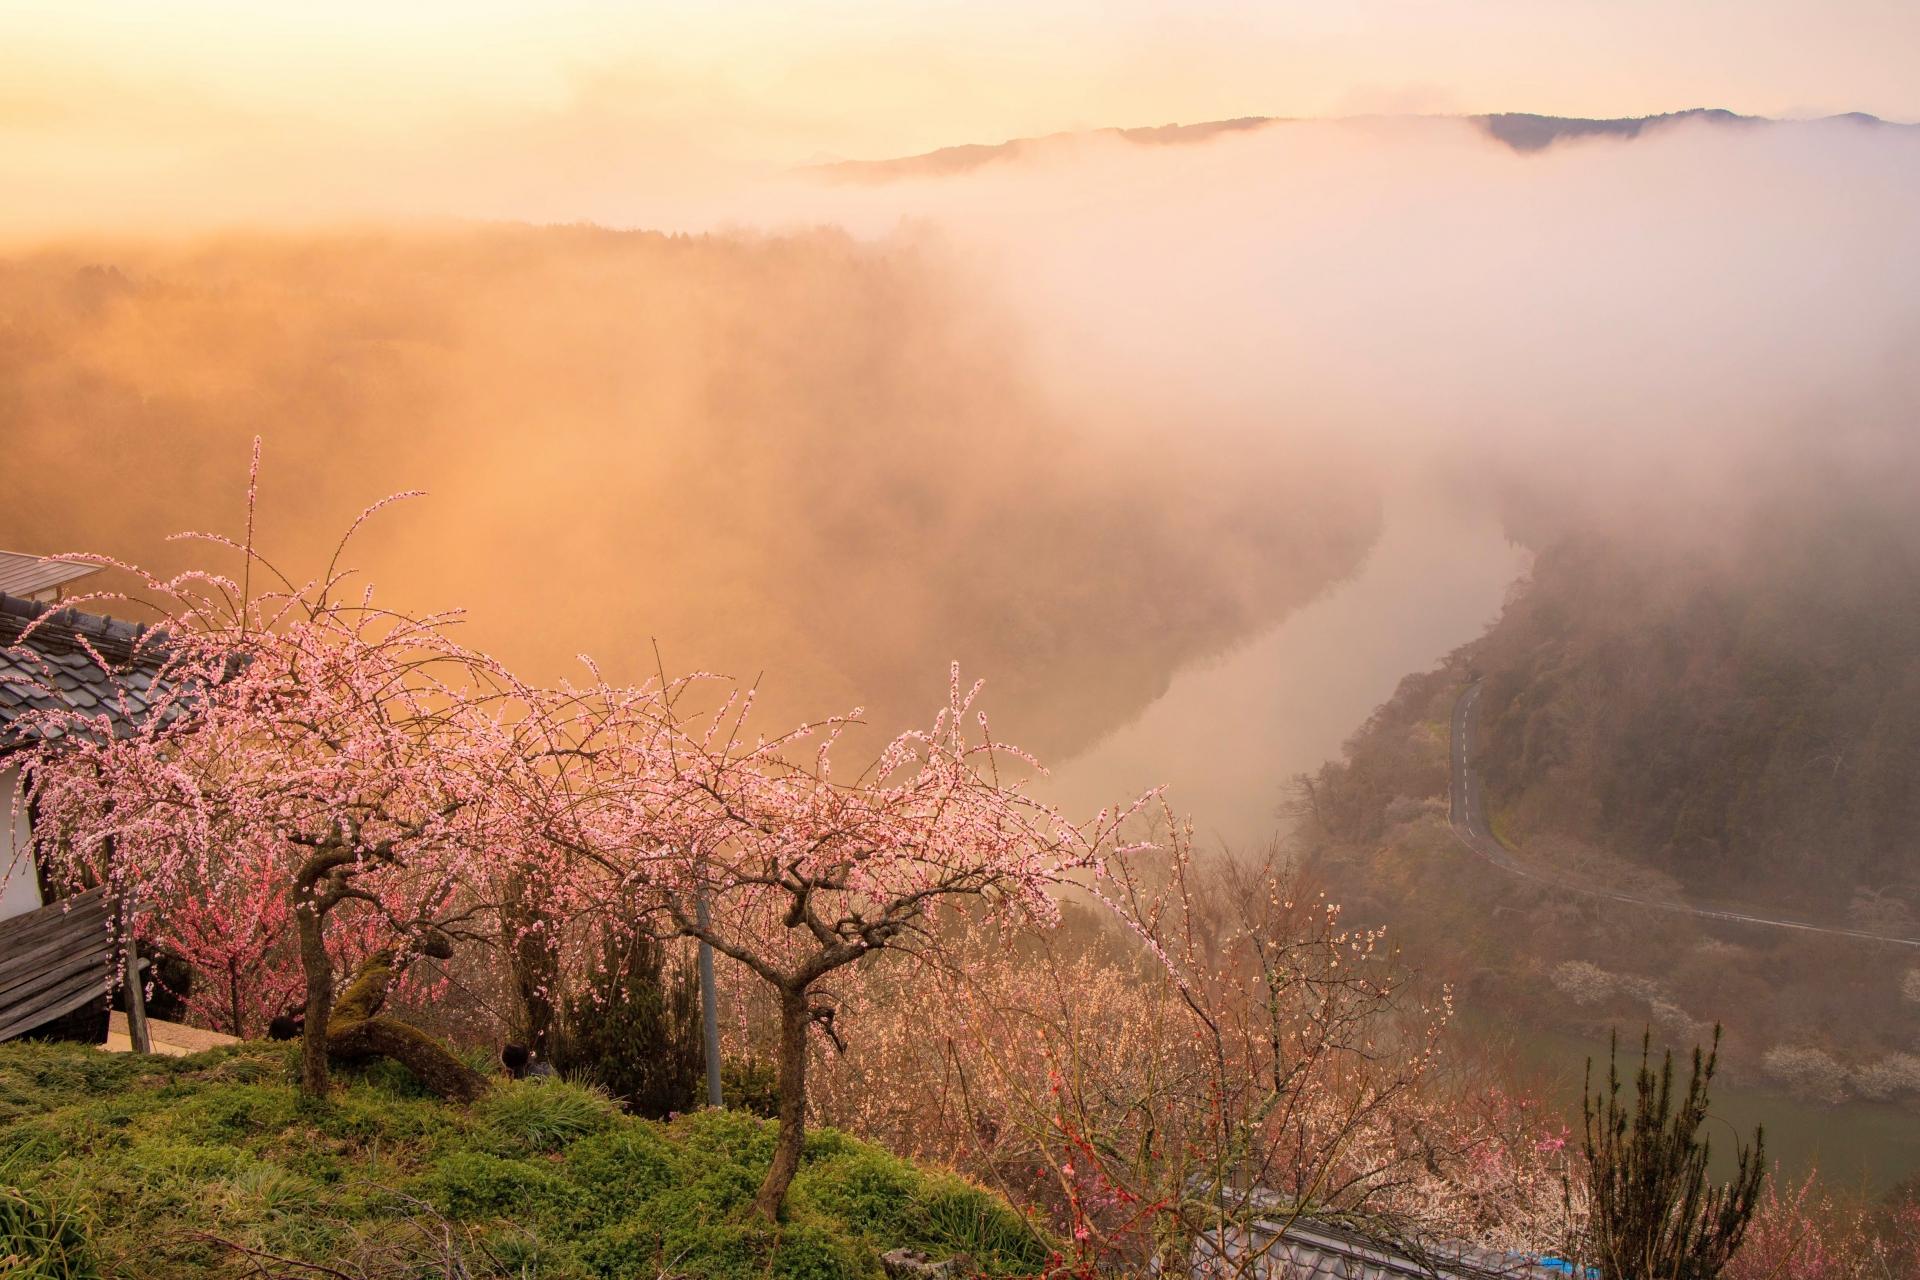 2345057_m 奈良県  月ヶ瀬梅林(約1万本の梅が咲く春におすすめの絶景スポット!雲海も見所! 写真の紹介、アクセス情報や駐車場情報など)